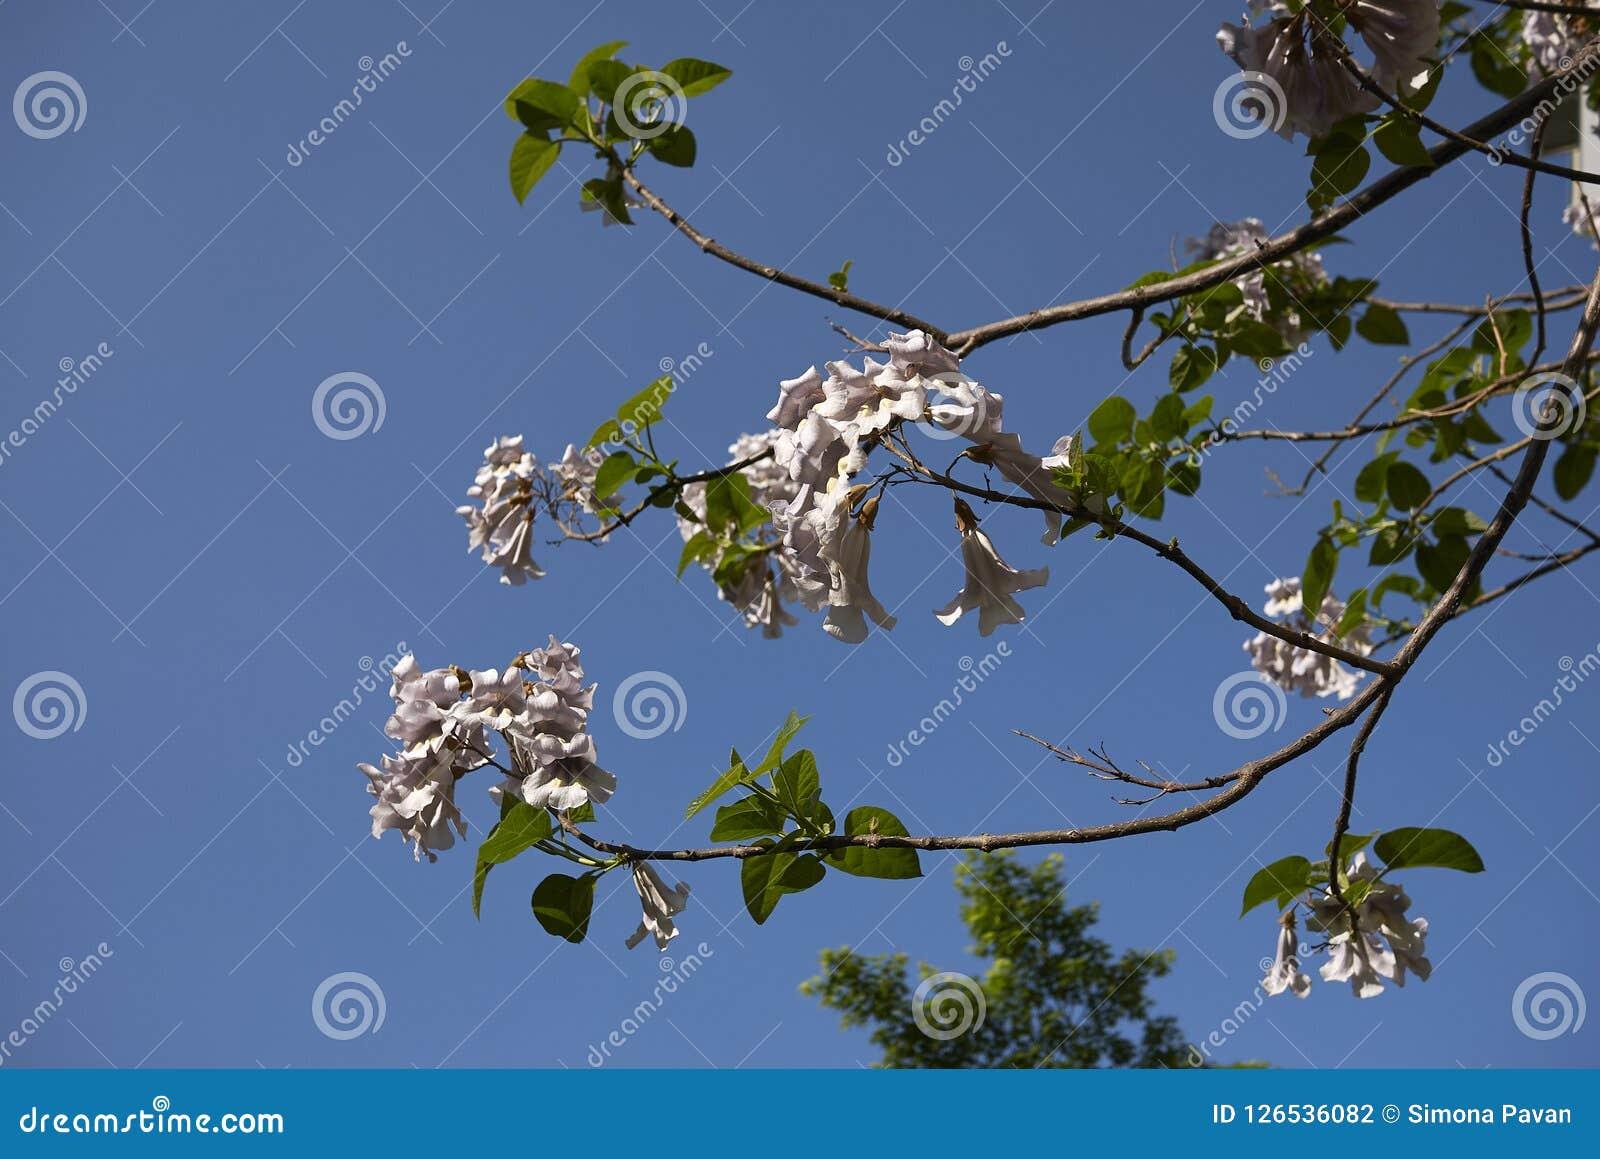 Gałąź z kwiatami Paulownia tomentosa drzewo